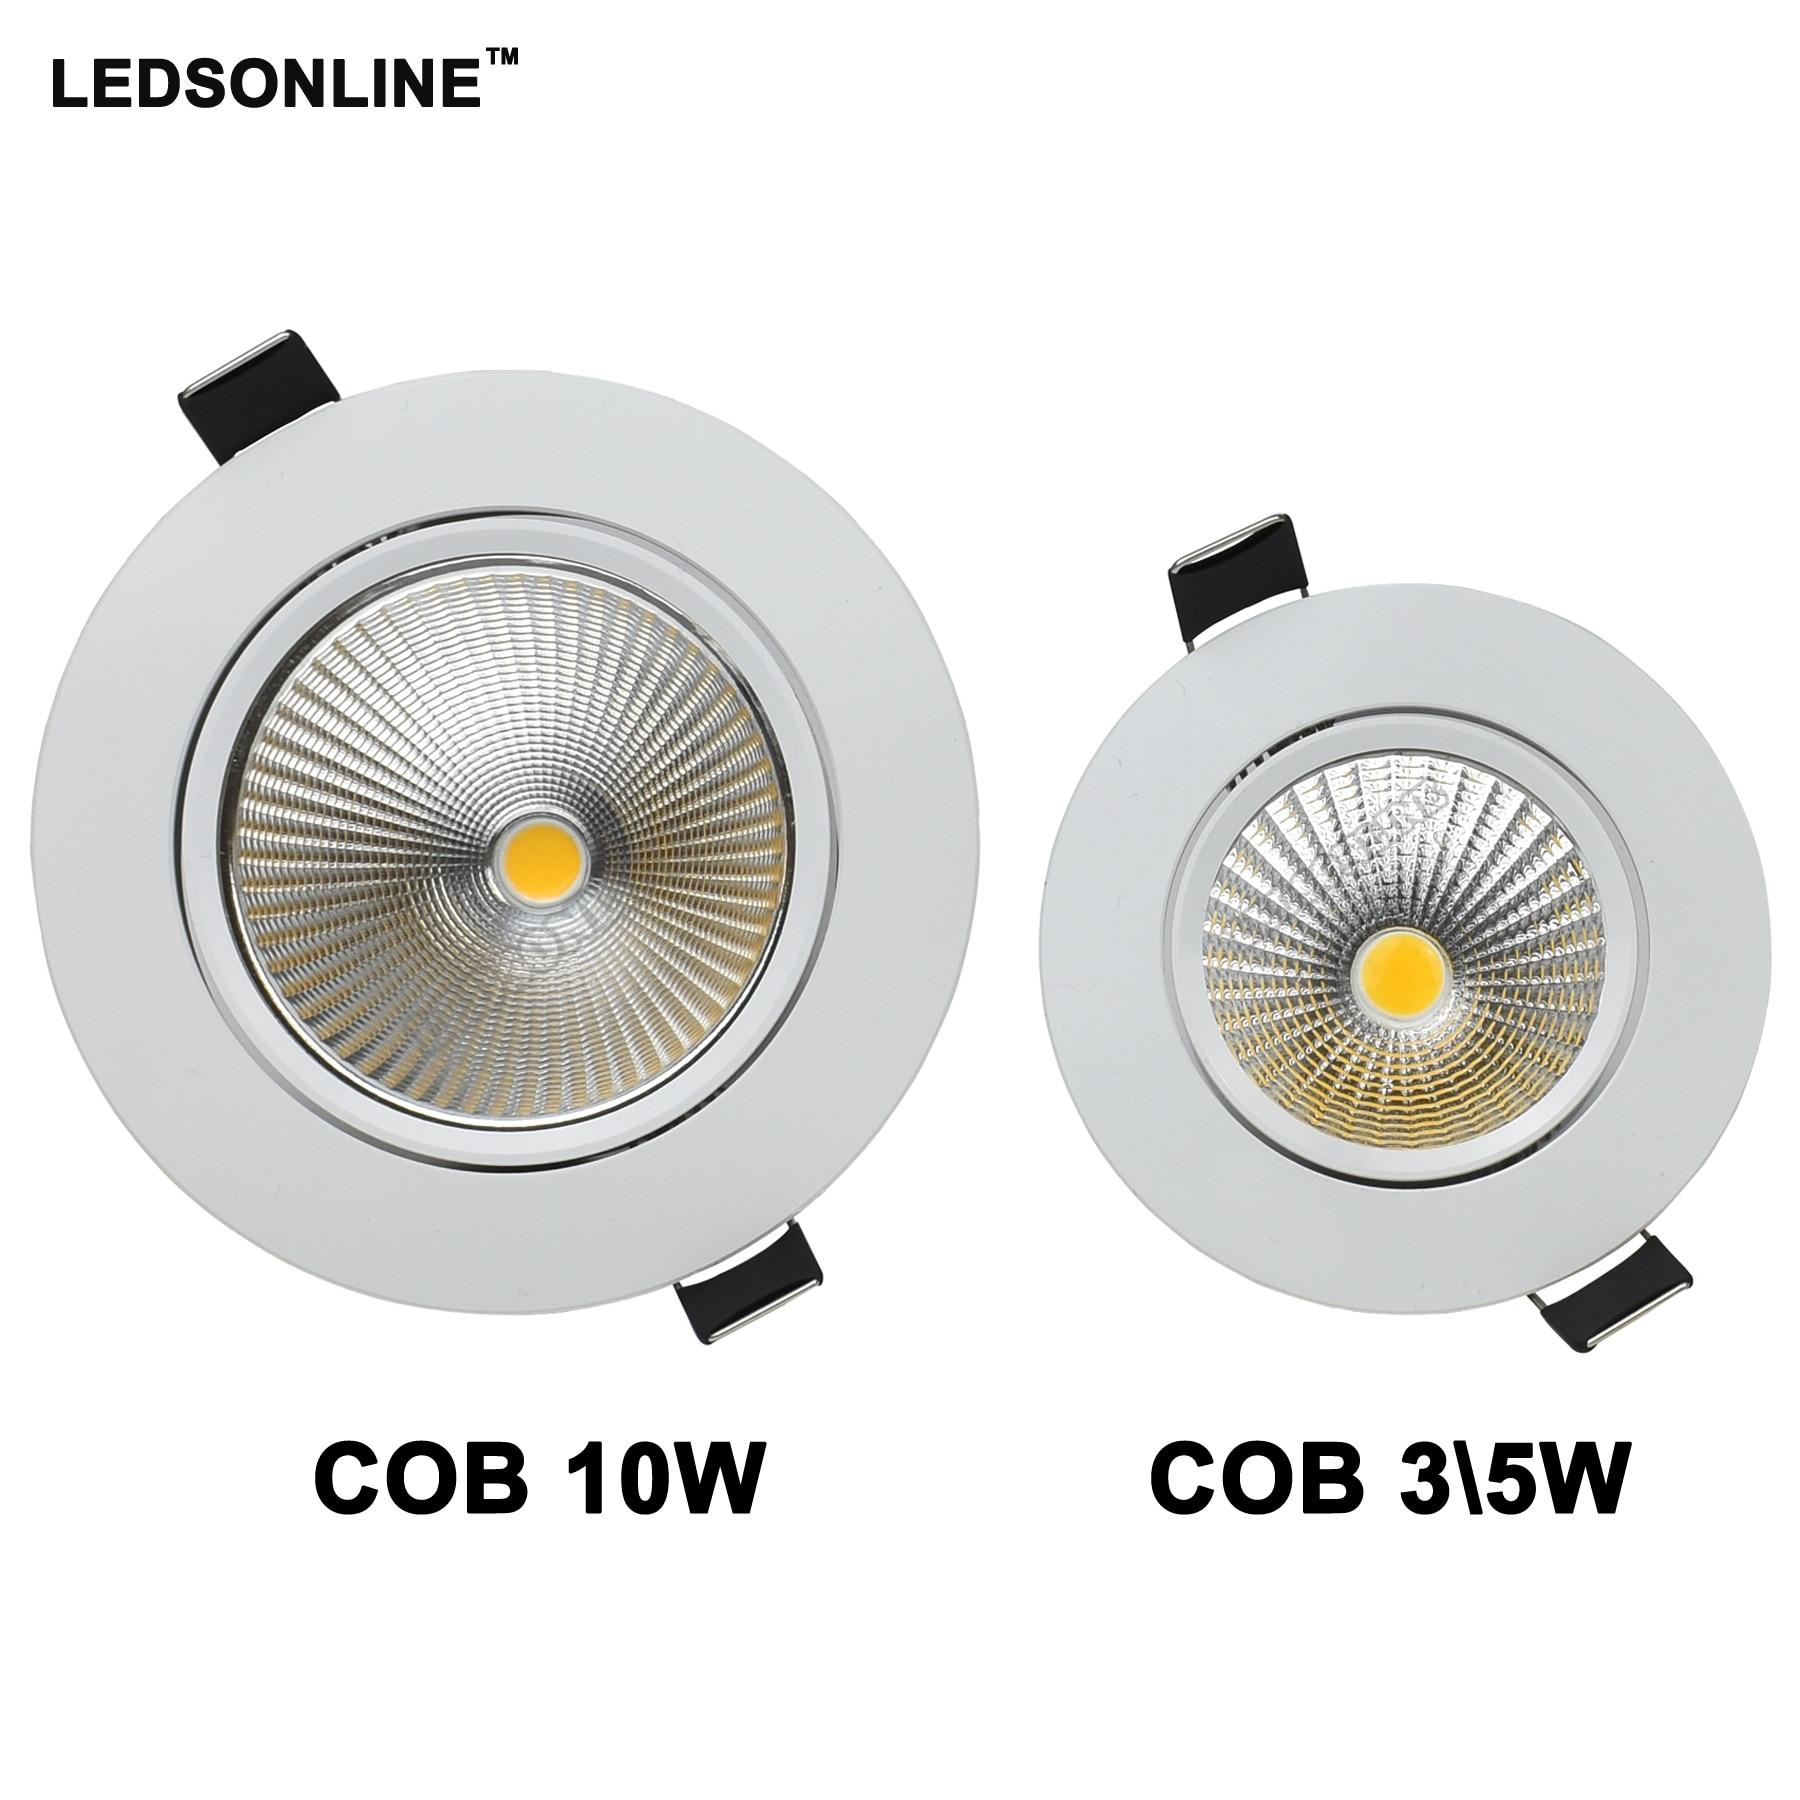 LED-Downlight-COB-5-Watt-10-Watt-D3-54in-4-33in-Einbauleuchte-punktlicht-Decke-Runde-Lampen Spannende Led Lampen 10 Watt Dekorationen